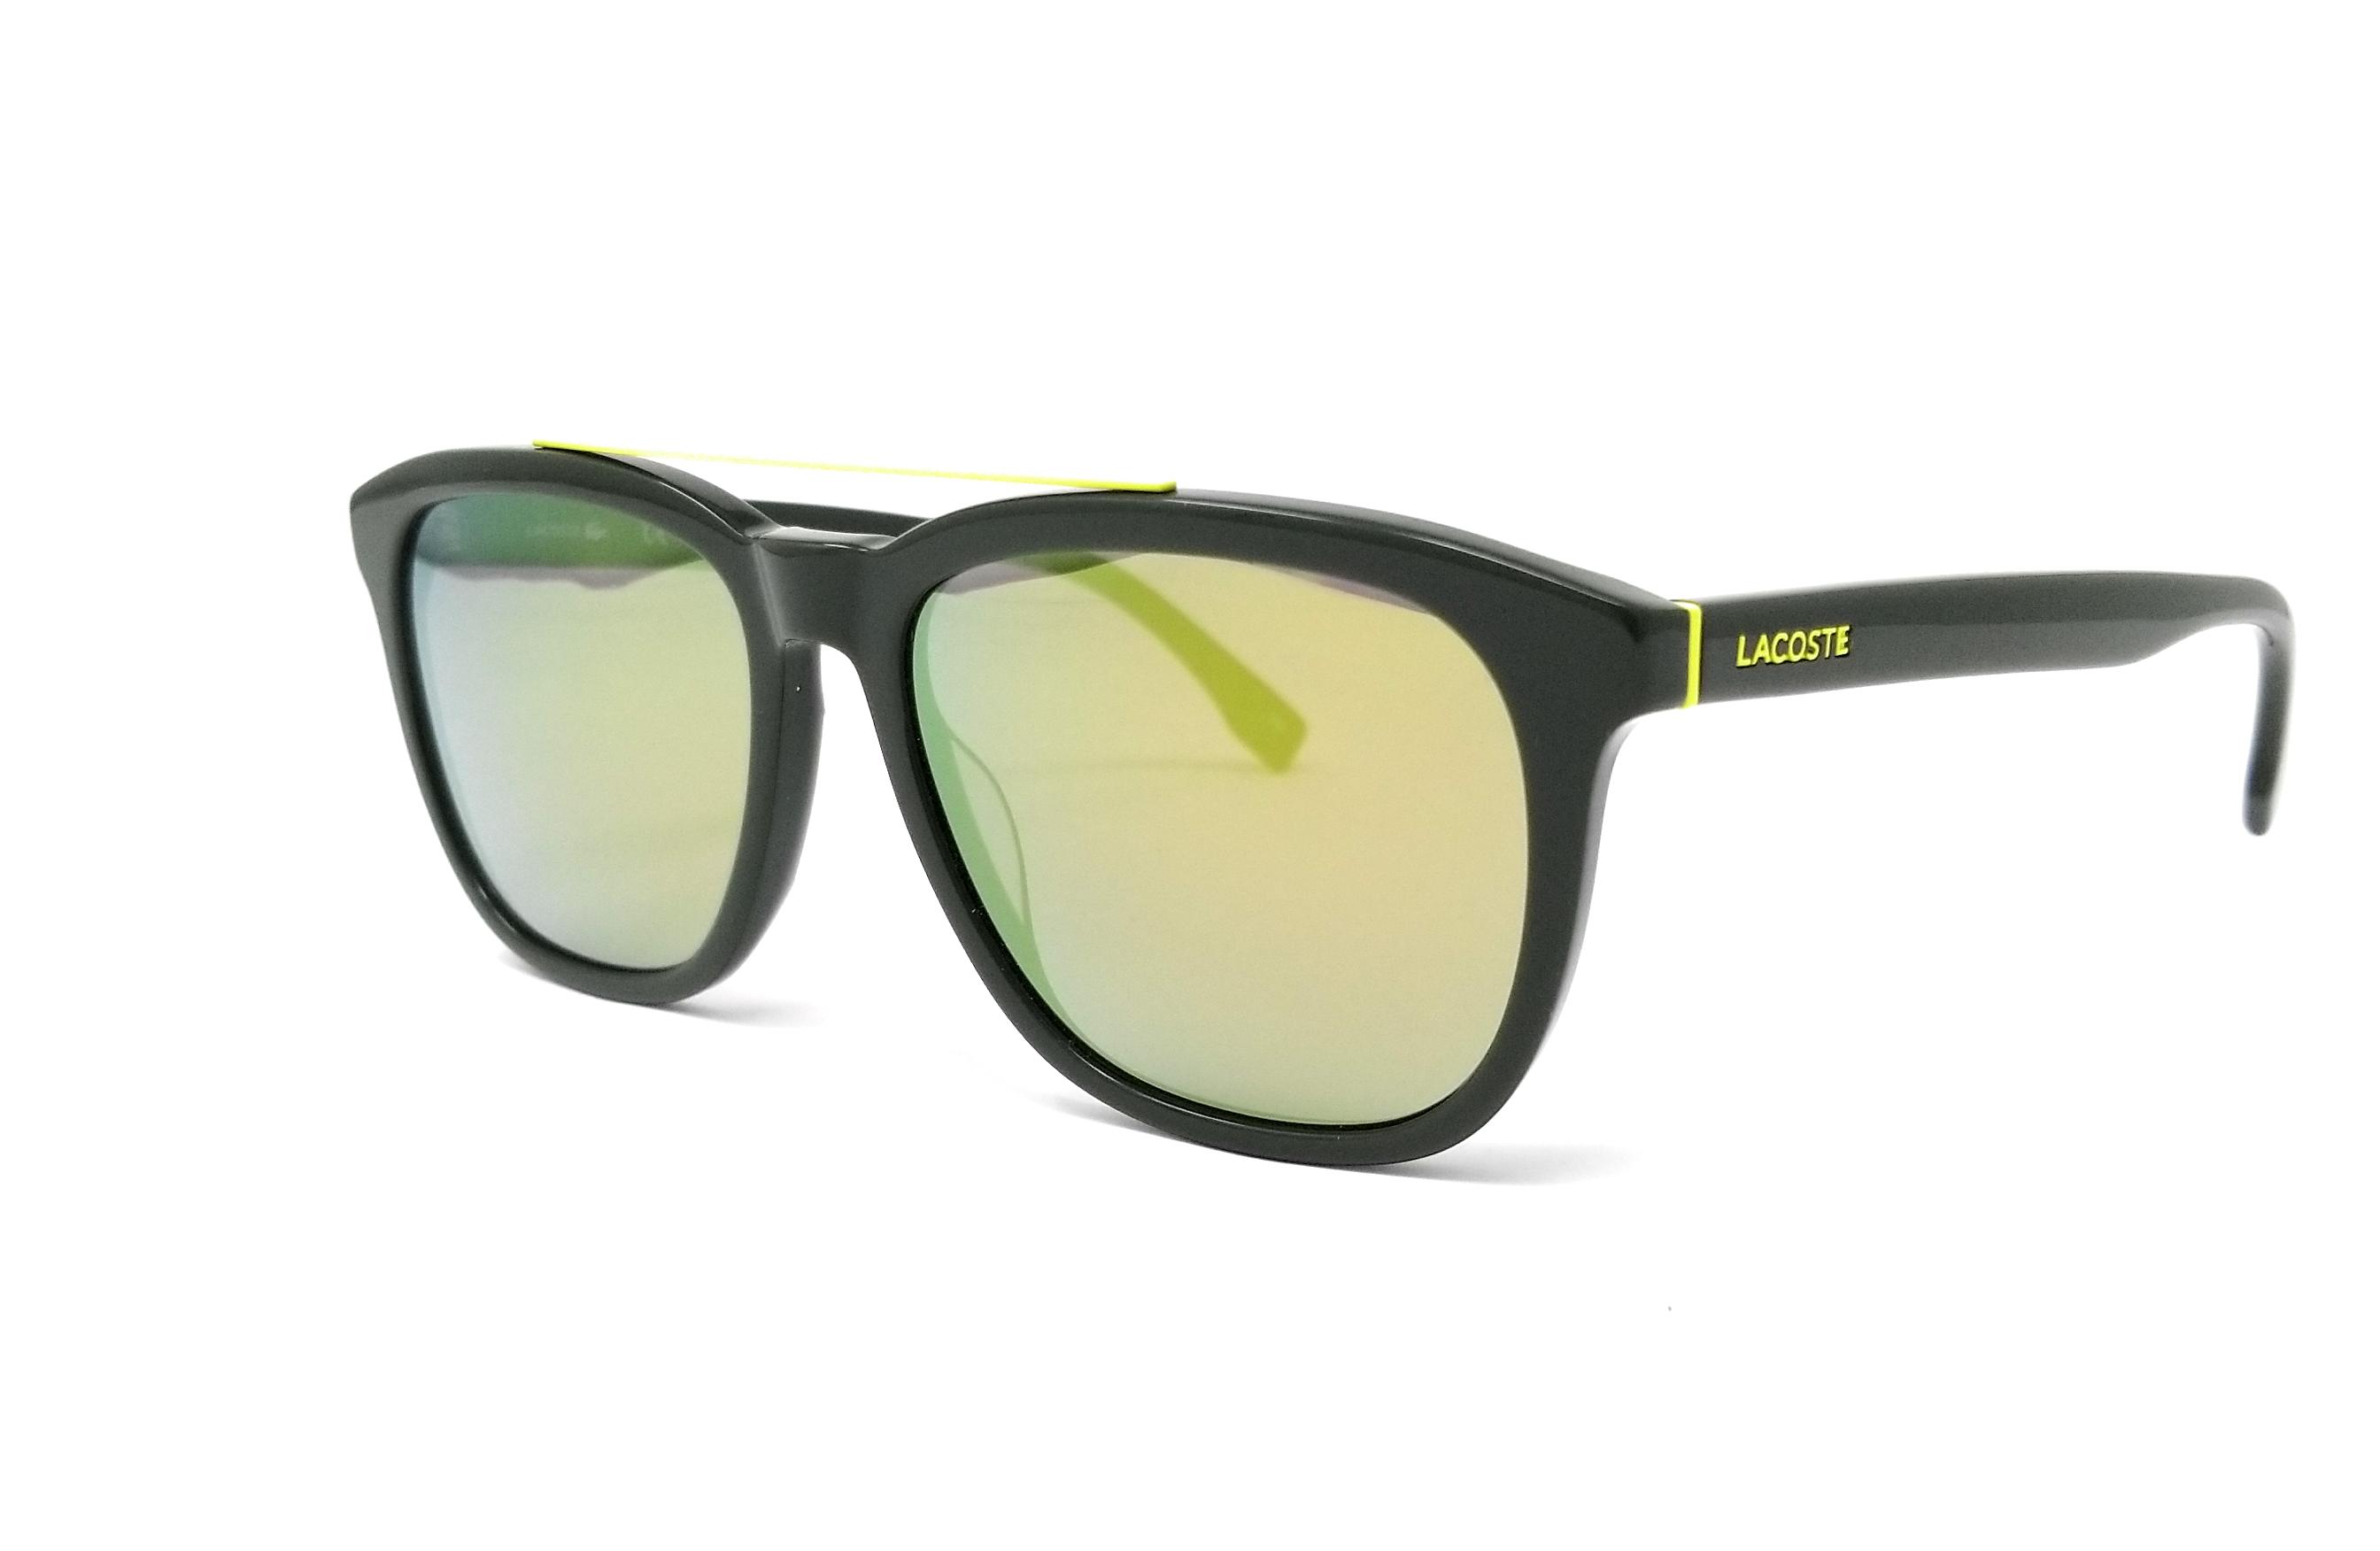 58c17e32fbc LACOSTE Sunglasses L822S 315 Green Rectangle 55x16x145 886895278577 ...